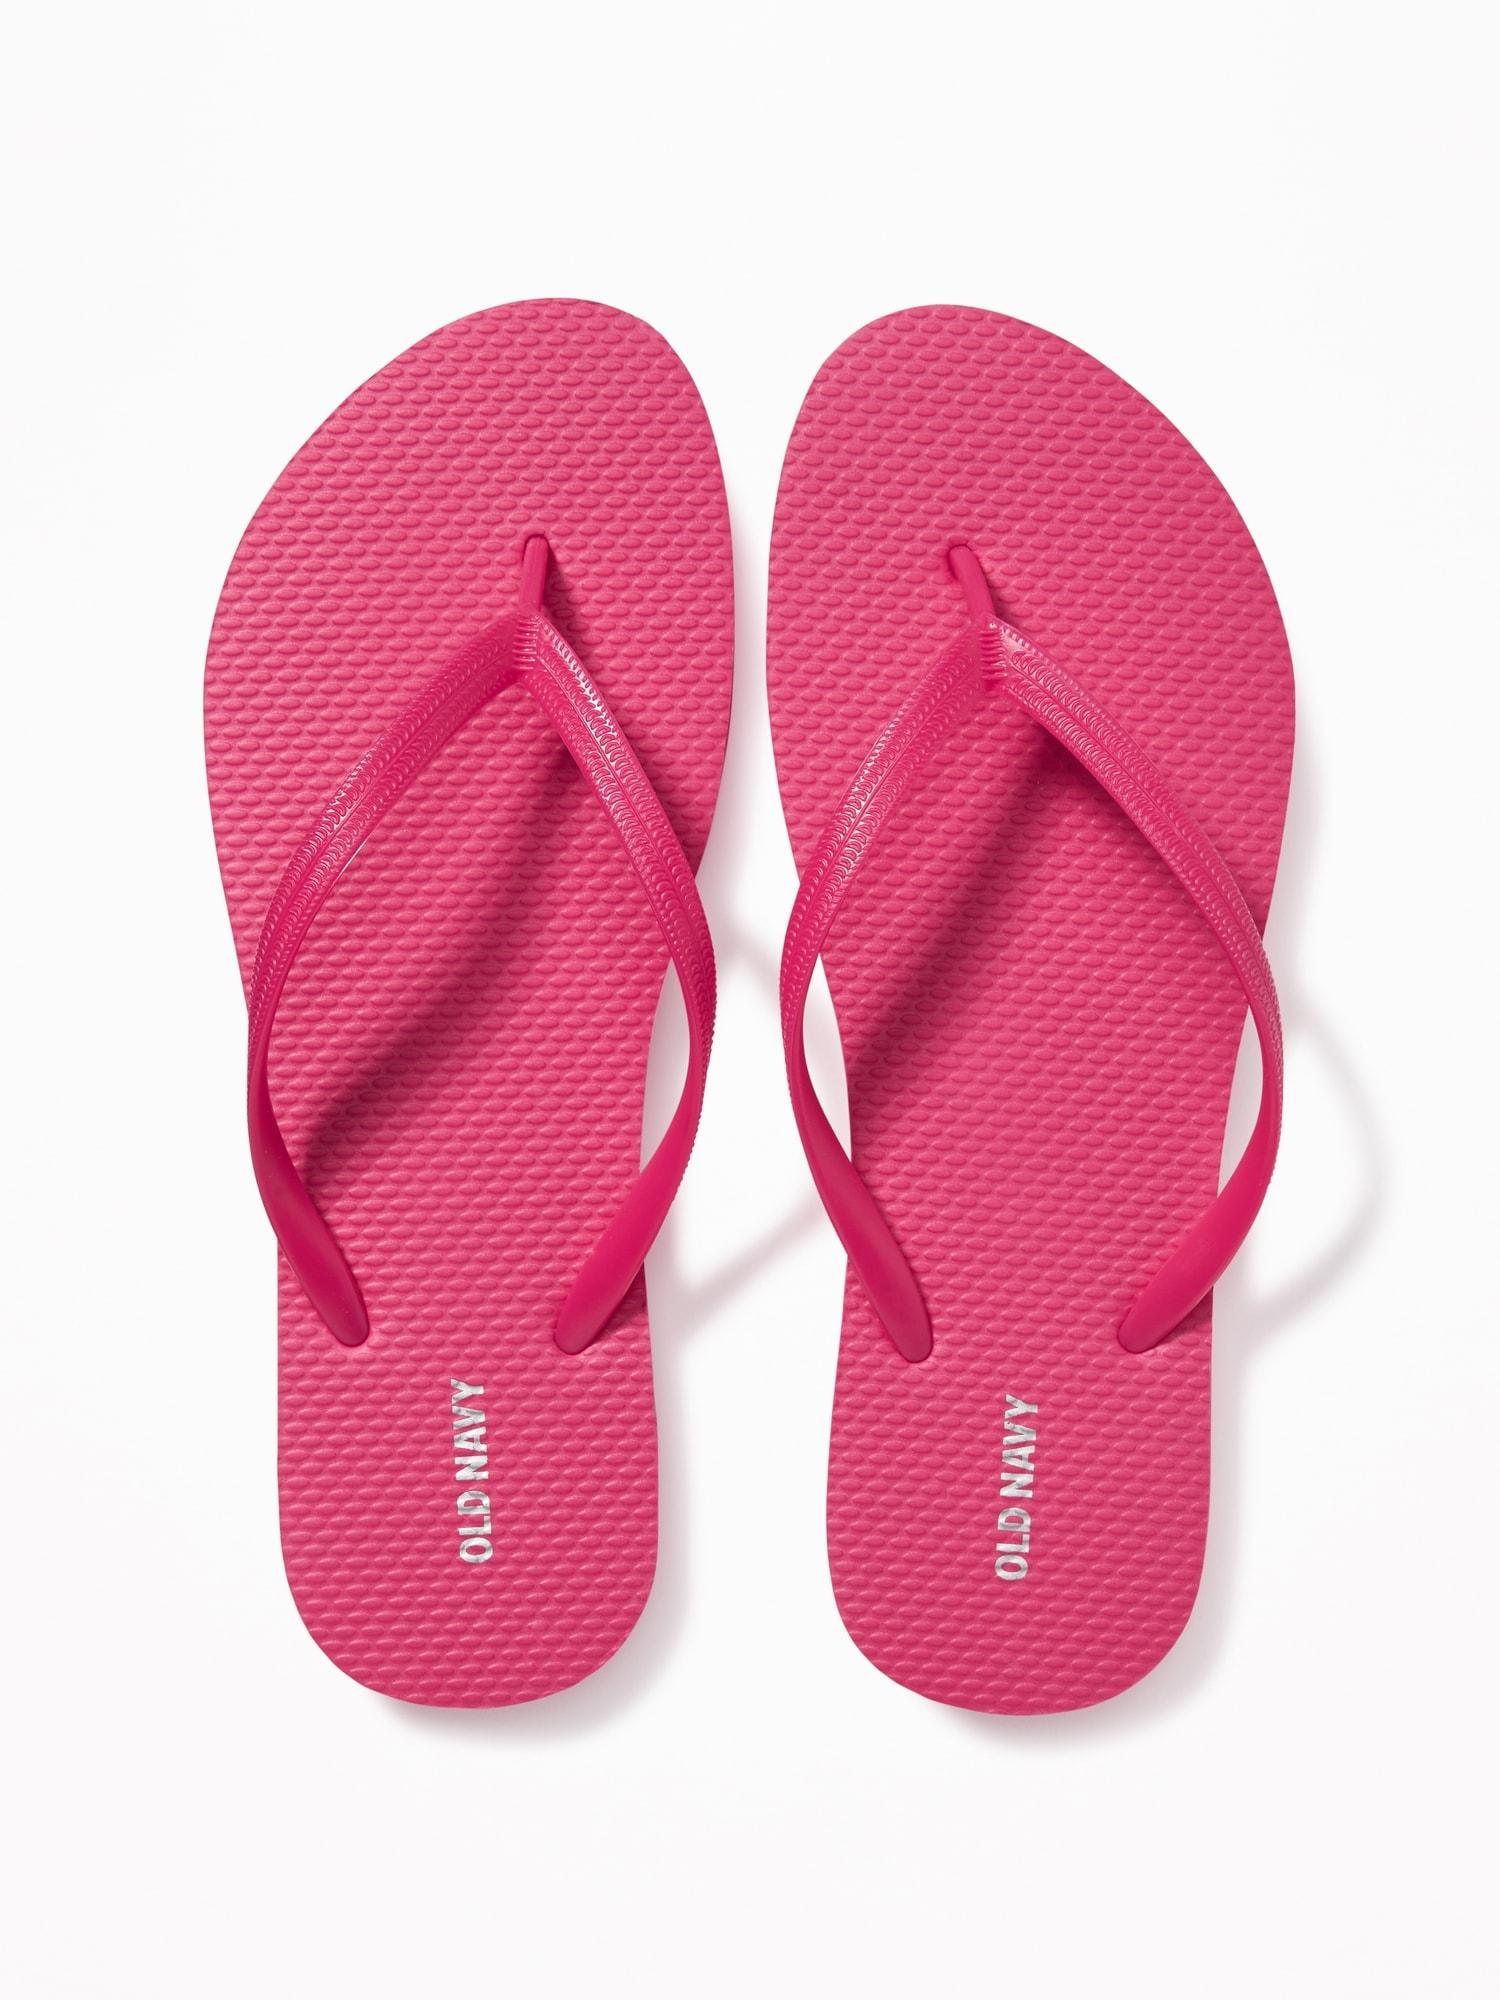 Classic Flip-Flops for Women | Old Navy